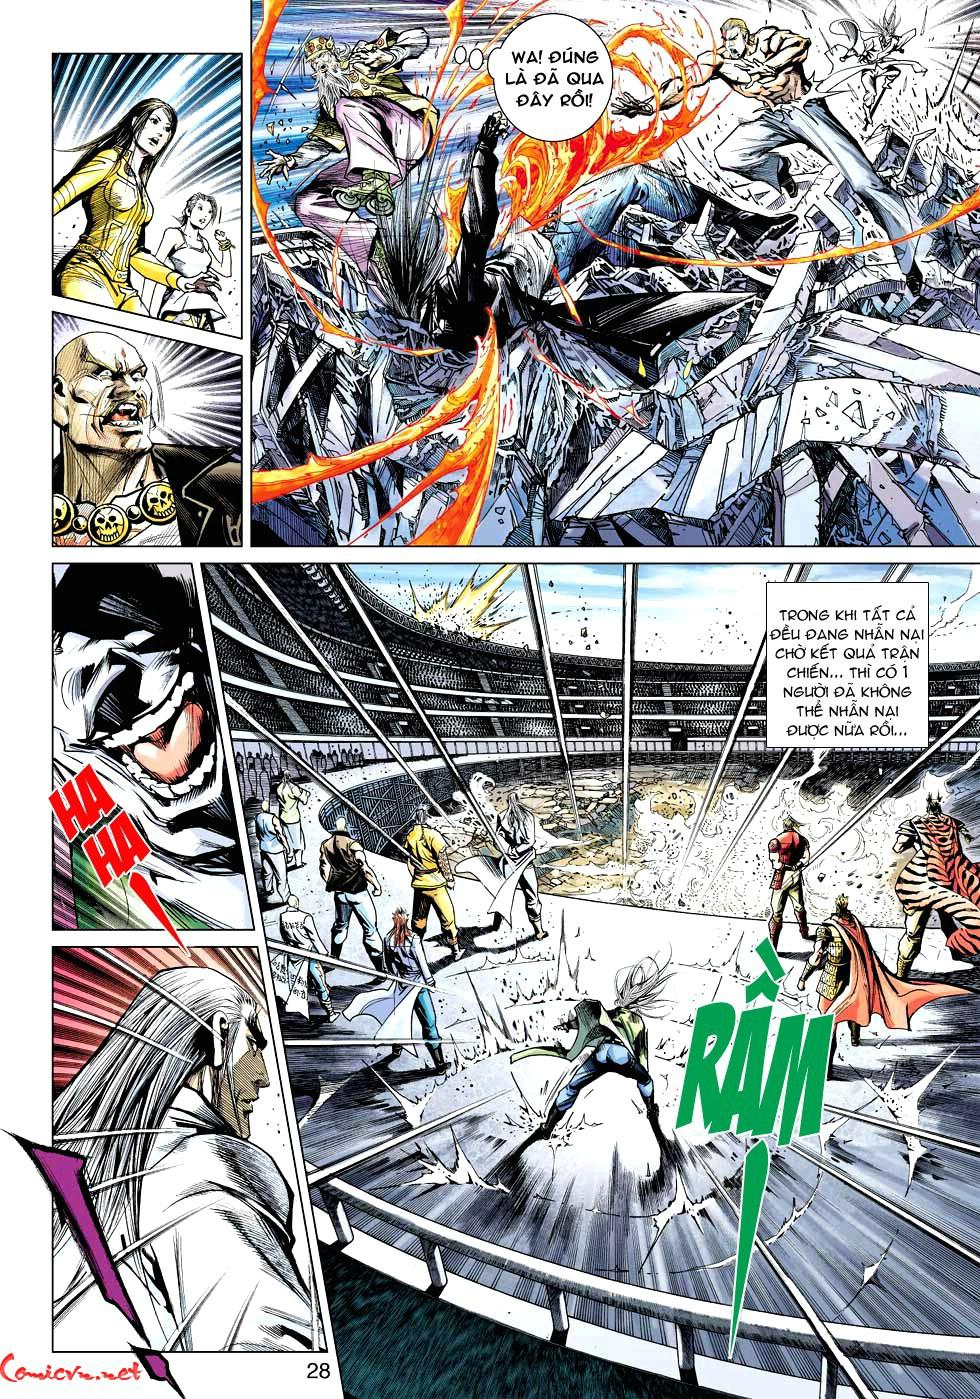 Vương Phong Lôi 1 chap 34 - Trang 28